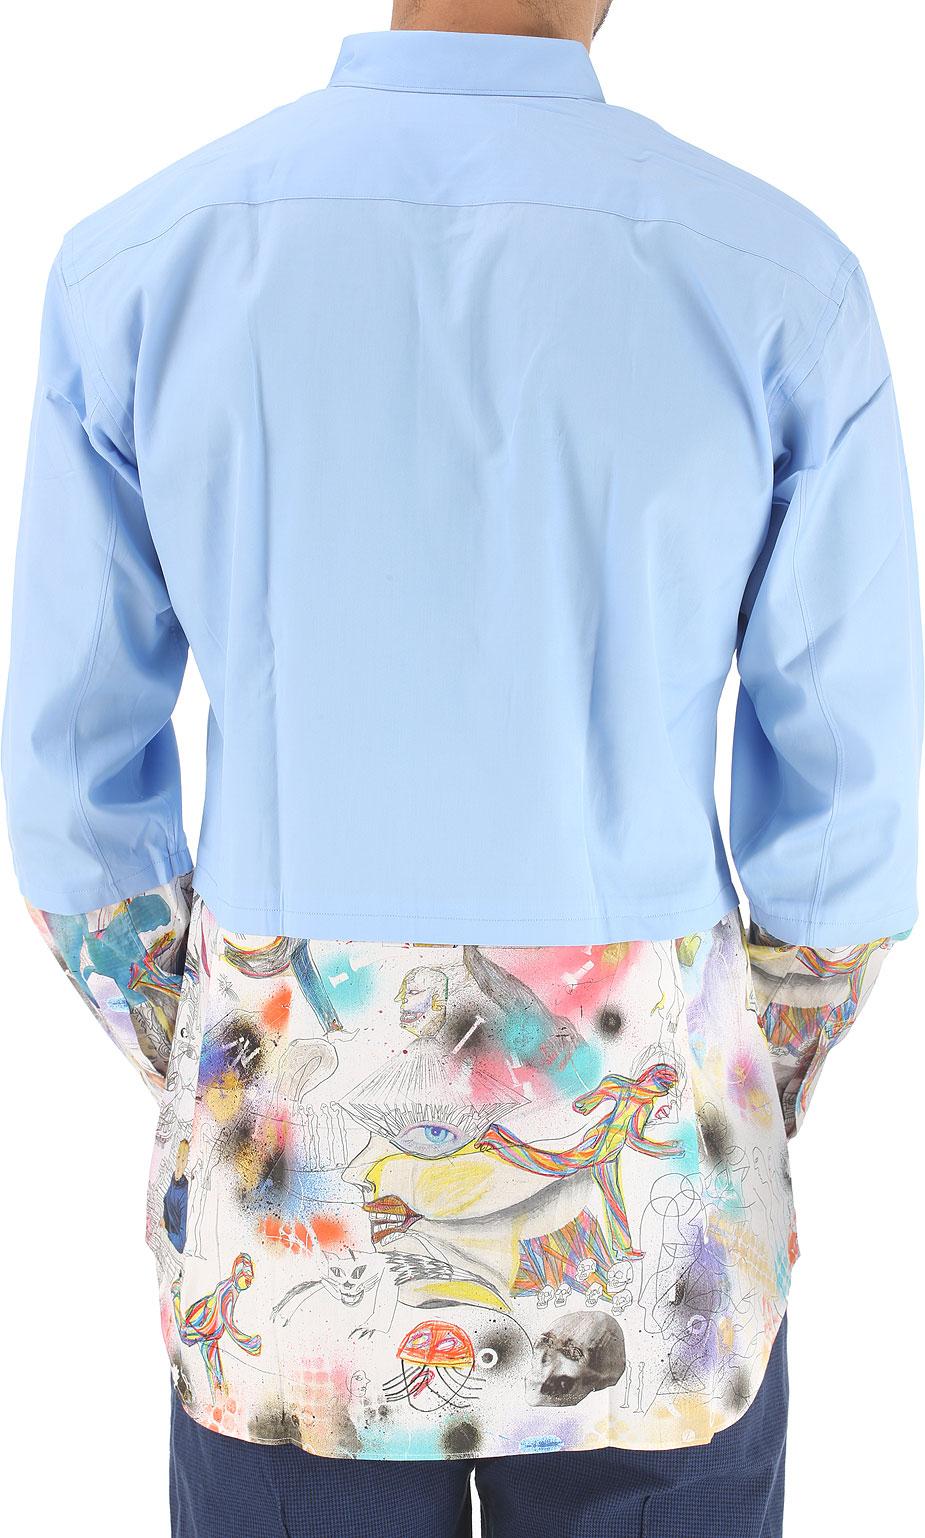 Abbigliamento Codice Uomo Articolo Comme Gar�ons w24026 Uomo azz des Abbigliamento 1dxq6xwapU